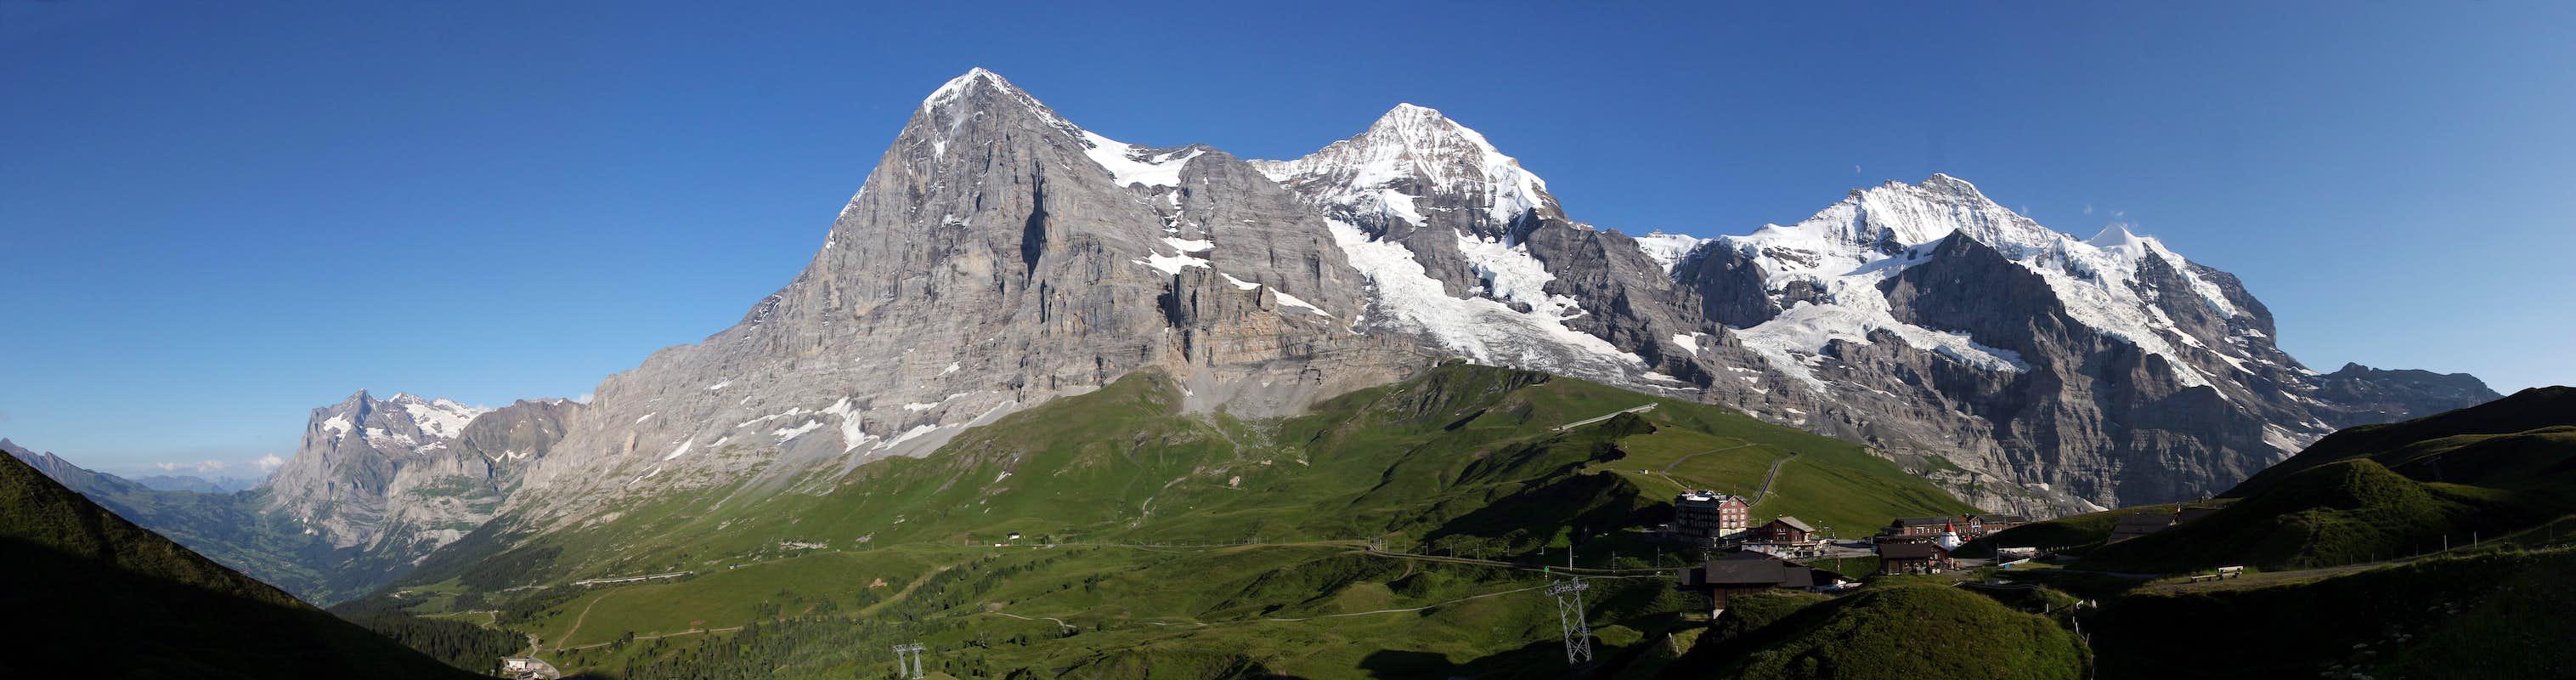 Eiger & Eiger Westflank : Trip Reports : SummitPost